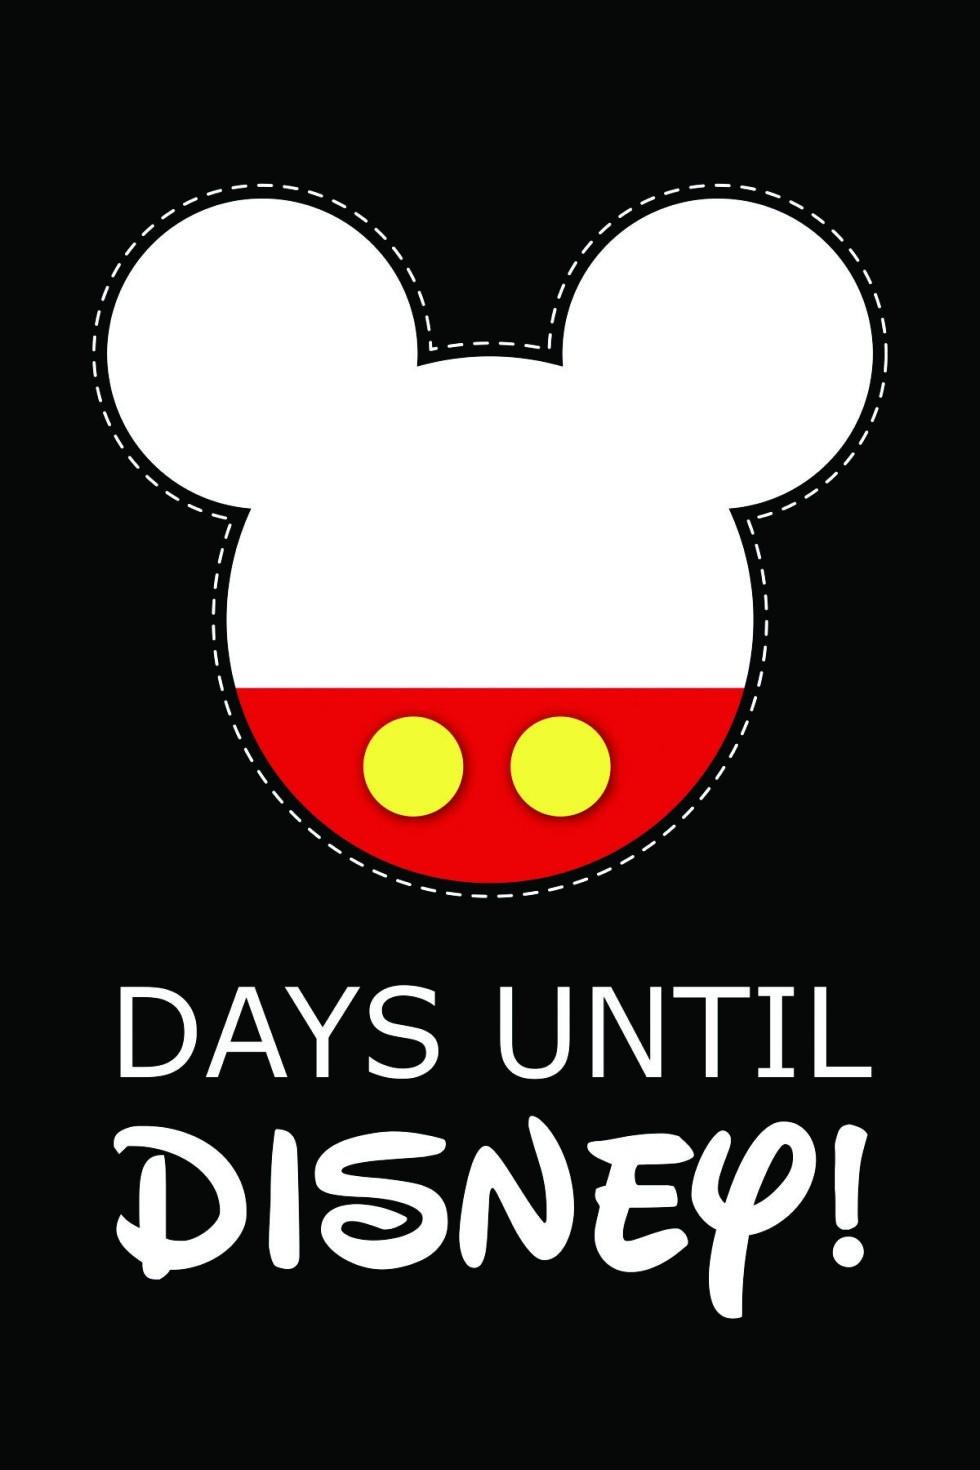 10 Fun Printable Disney Countdown Calendars | Kittybabylove-Template Countdown Calendar Disney